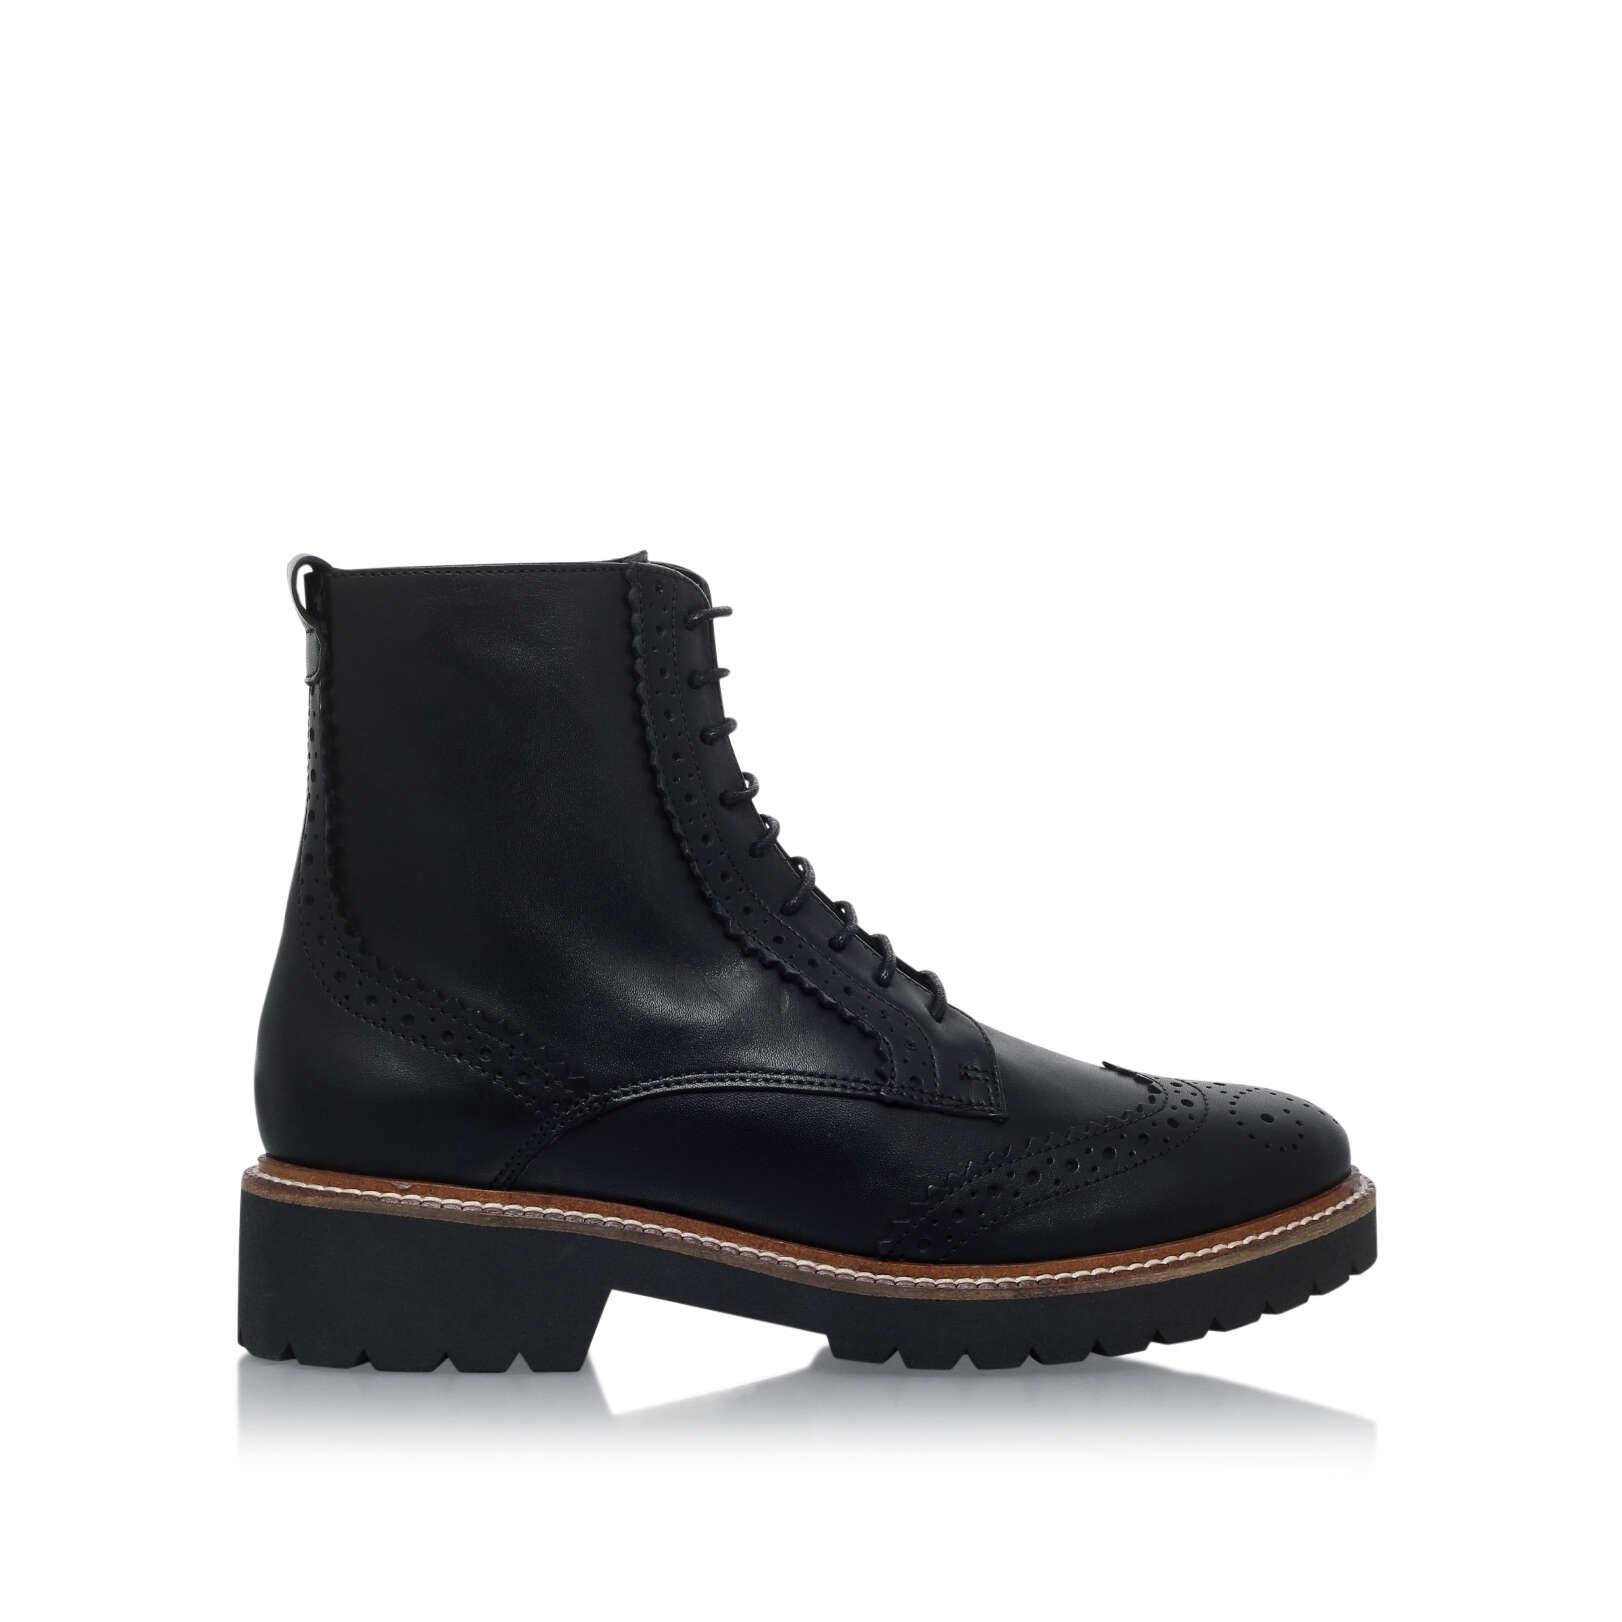 SNAIL - CARVELA Ankle Boots